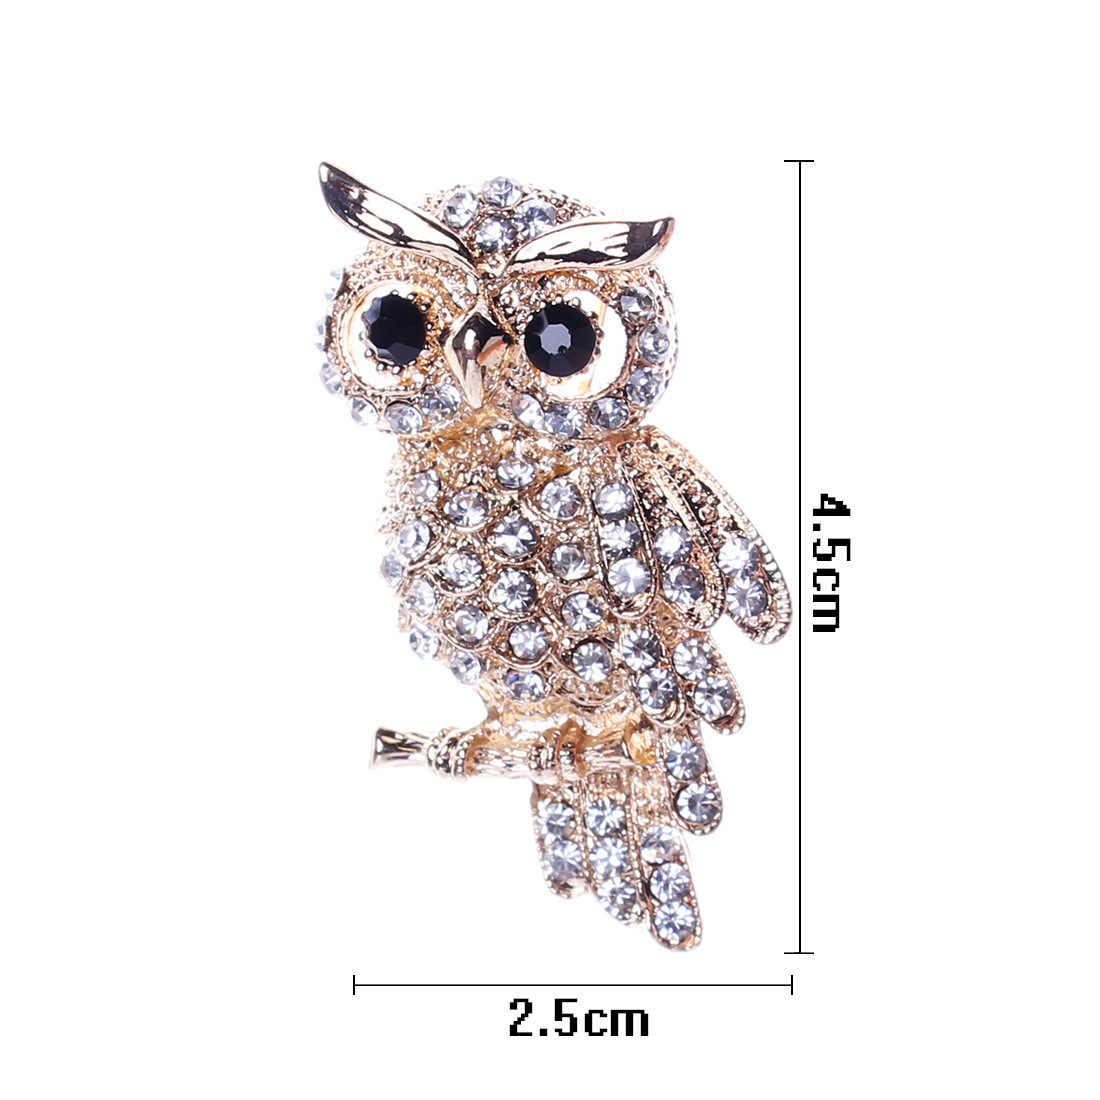 Burung Hantu Bor Kuno Pria dan Wanita Owl Korea Zinc Alloy Trendi Imitasi Berlian Imitasi Biru Bros Lencana Natal Hadiah Aksesoris